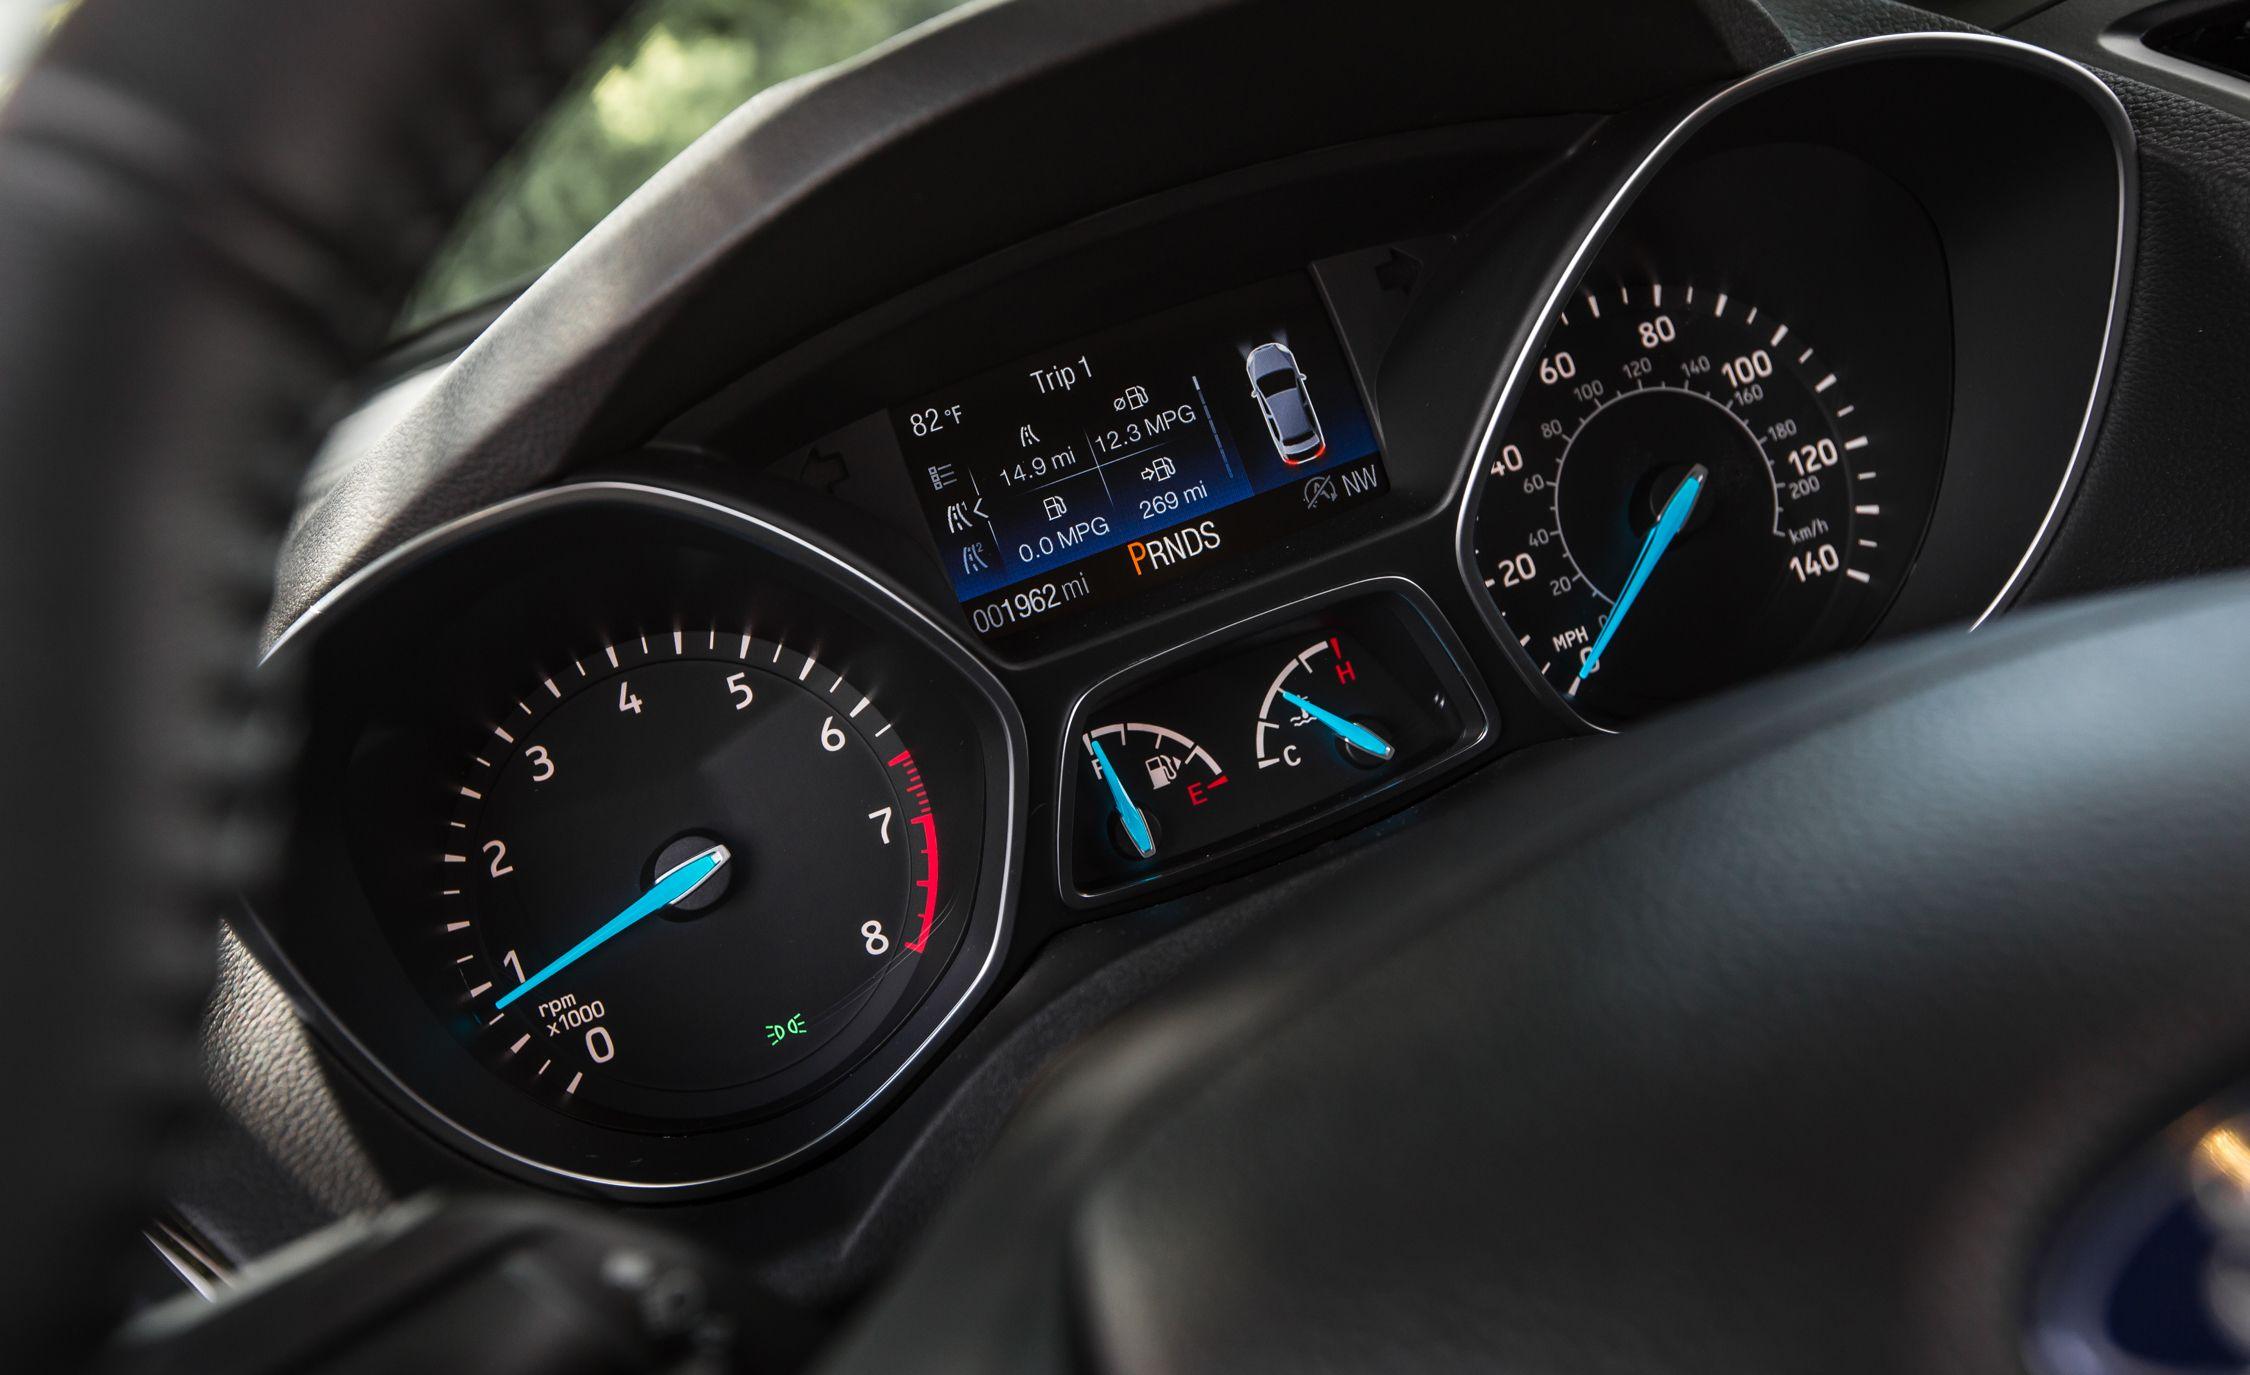 2017 ford escape fuel economy